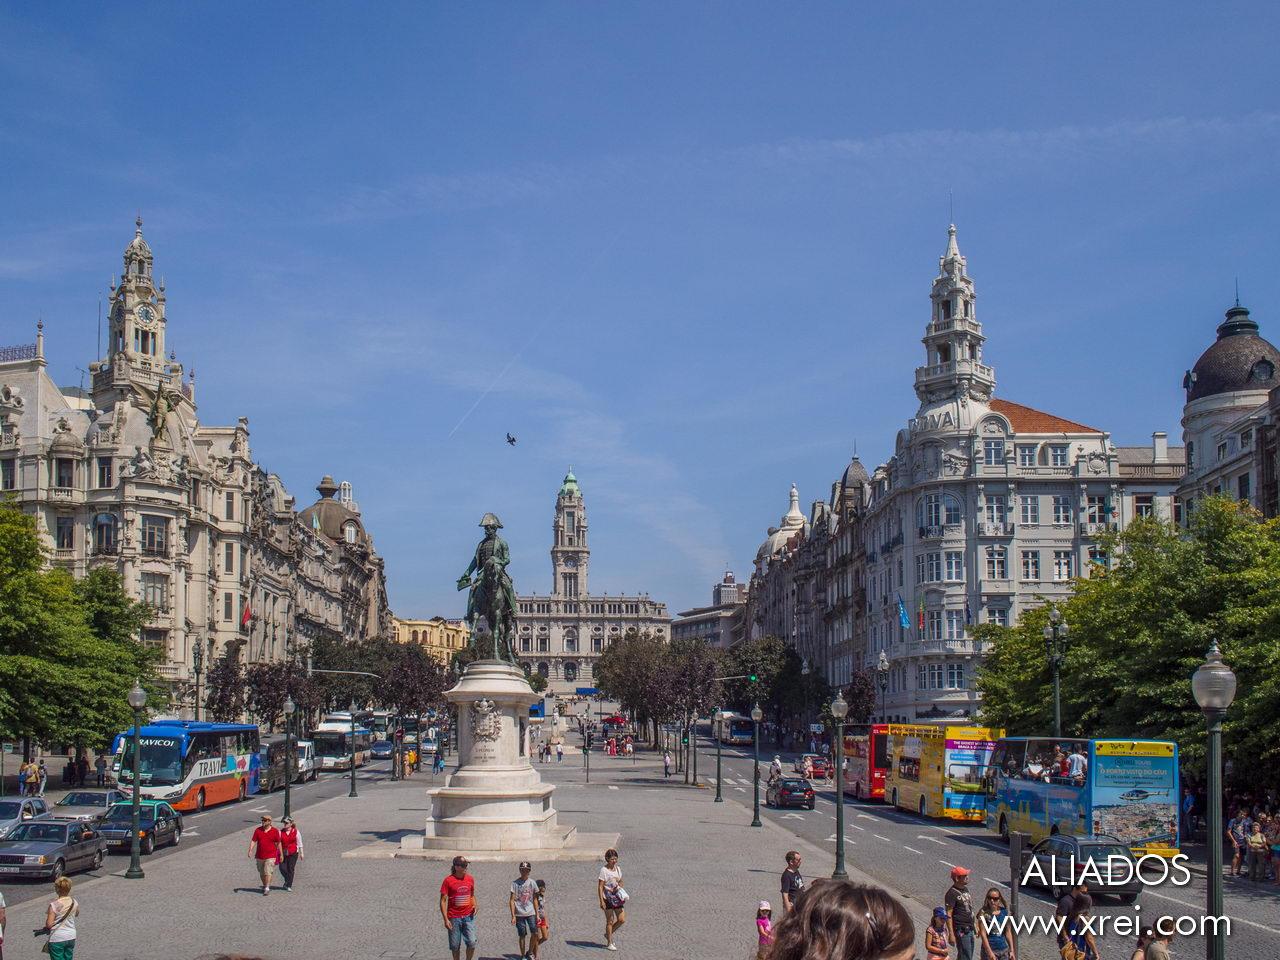 Avenida dos Aliados, la avenida principal de Porto, local al edificio del Ayuntamiento de Porto; el Palacio de las Cardosas; la Estatua de Porto; la estatua de Almeida Garrett; la estatua ecuestre de Dom Pedro IV; y la antigua sede del Café Imperial.